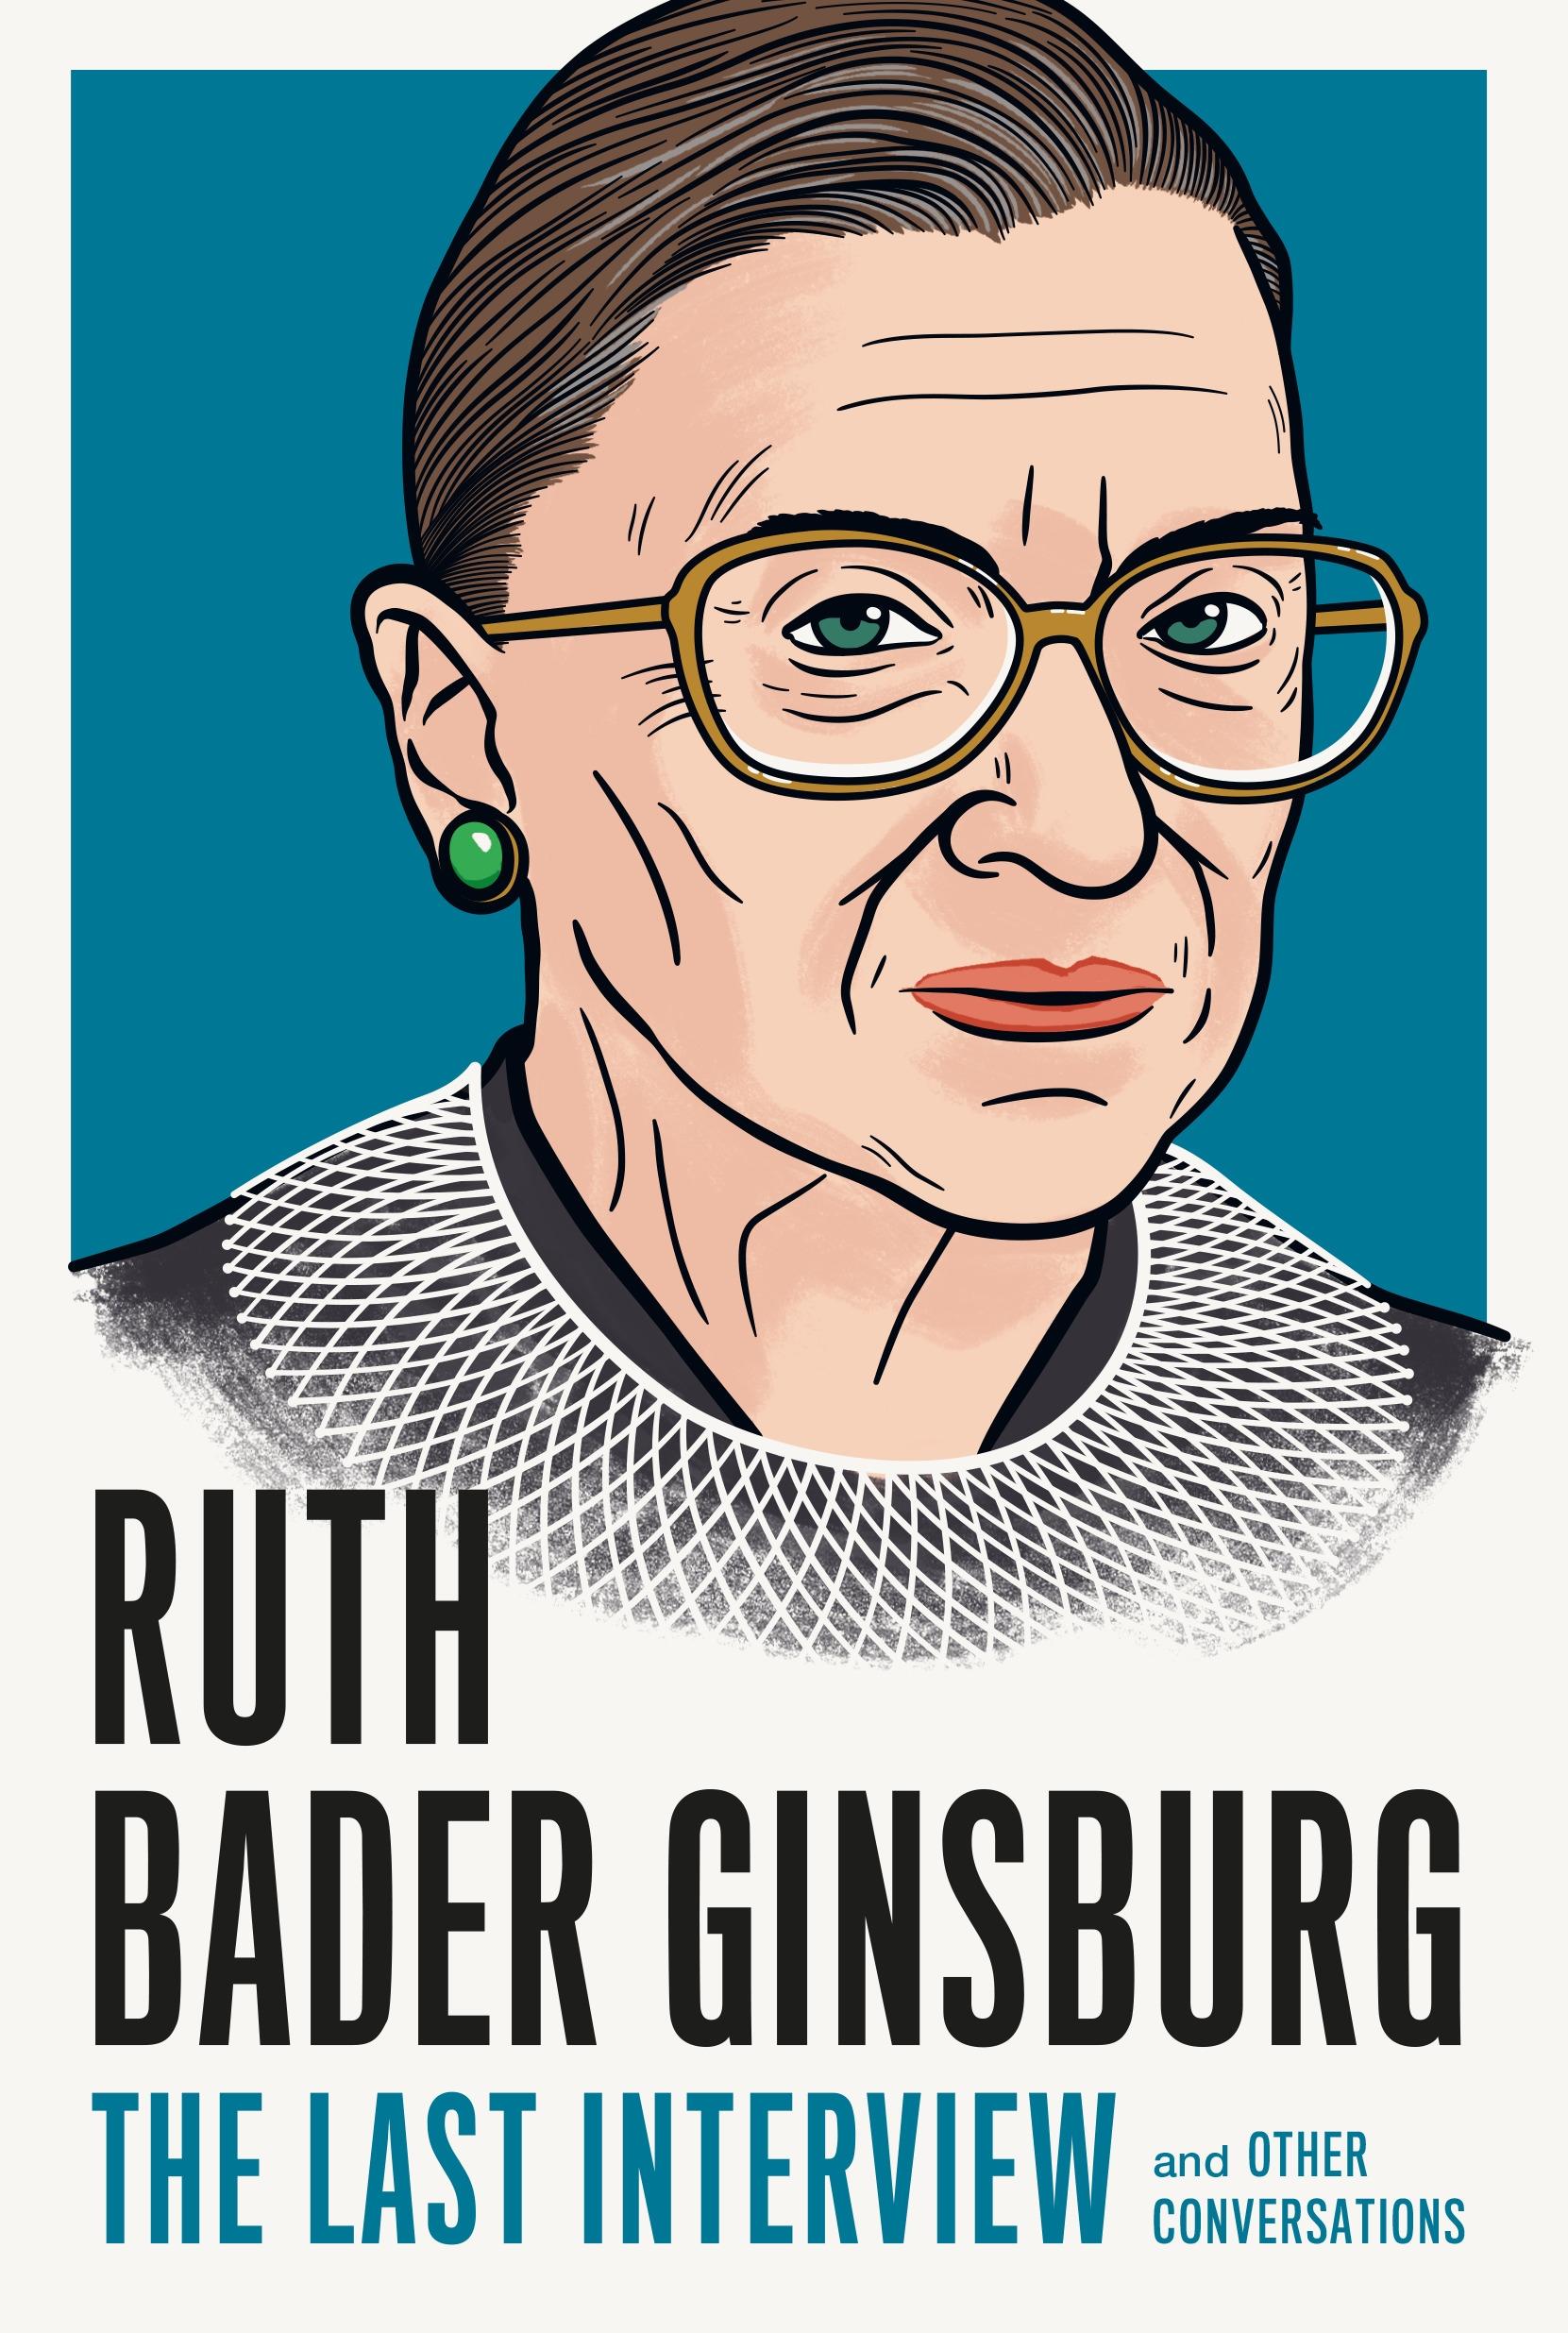 ruth_bader_ginsburg